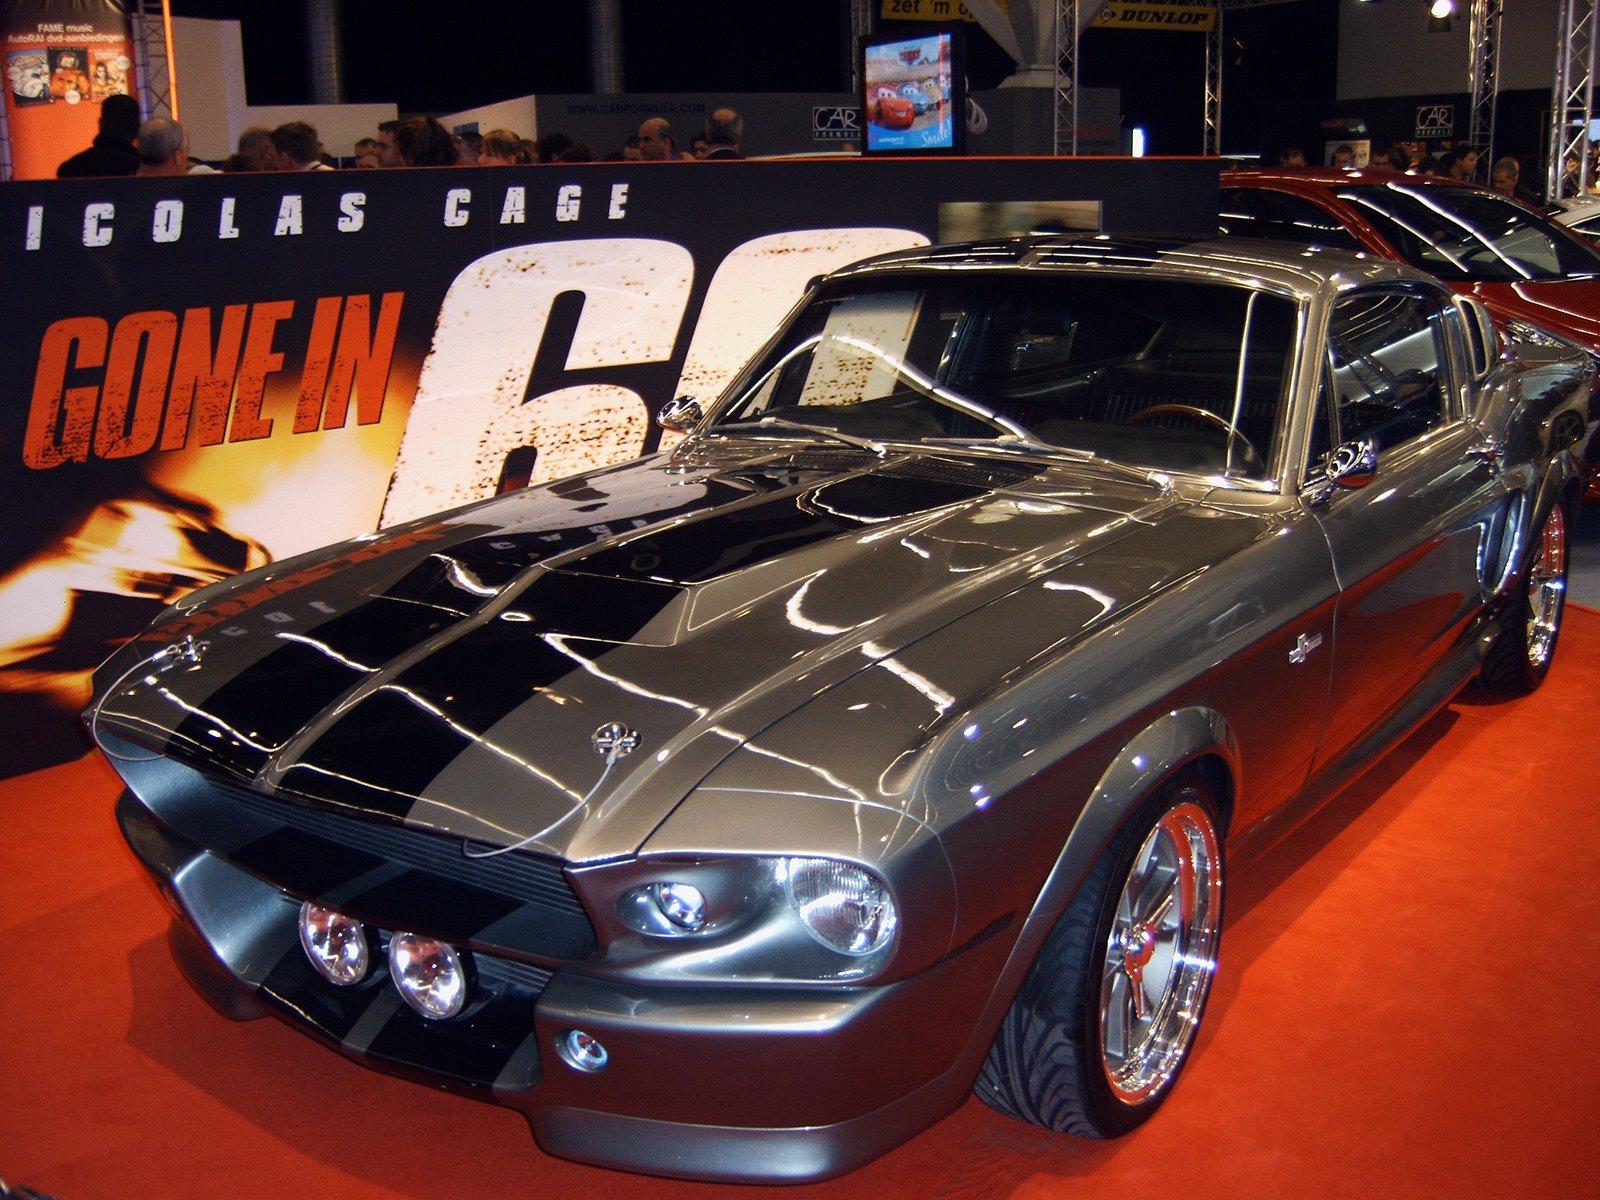 http://1.bp.blogspot.com/_Dcv_PGRxlx8/TTNhI54dvCI/AAAAAAAAAcU/CxQOVGTOmQQ/s1600/Eleanor_Shelby_GT500.jpg